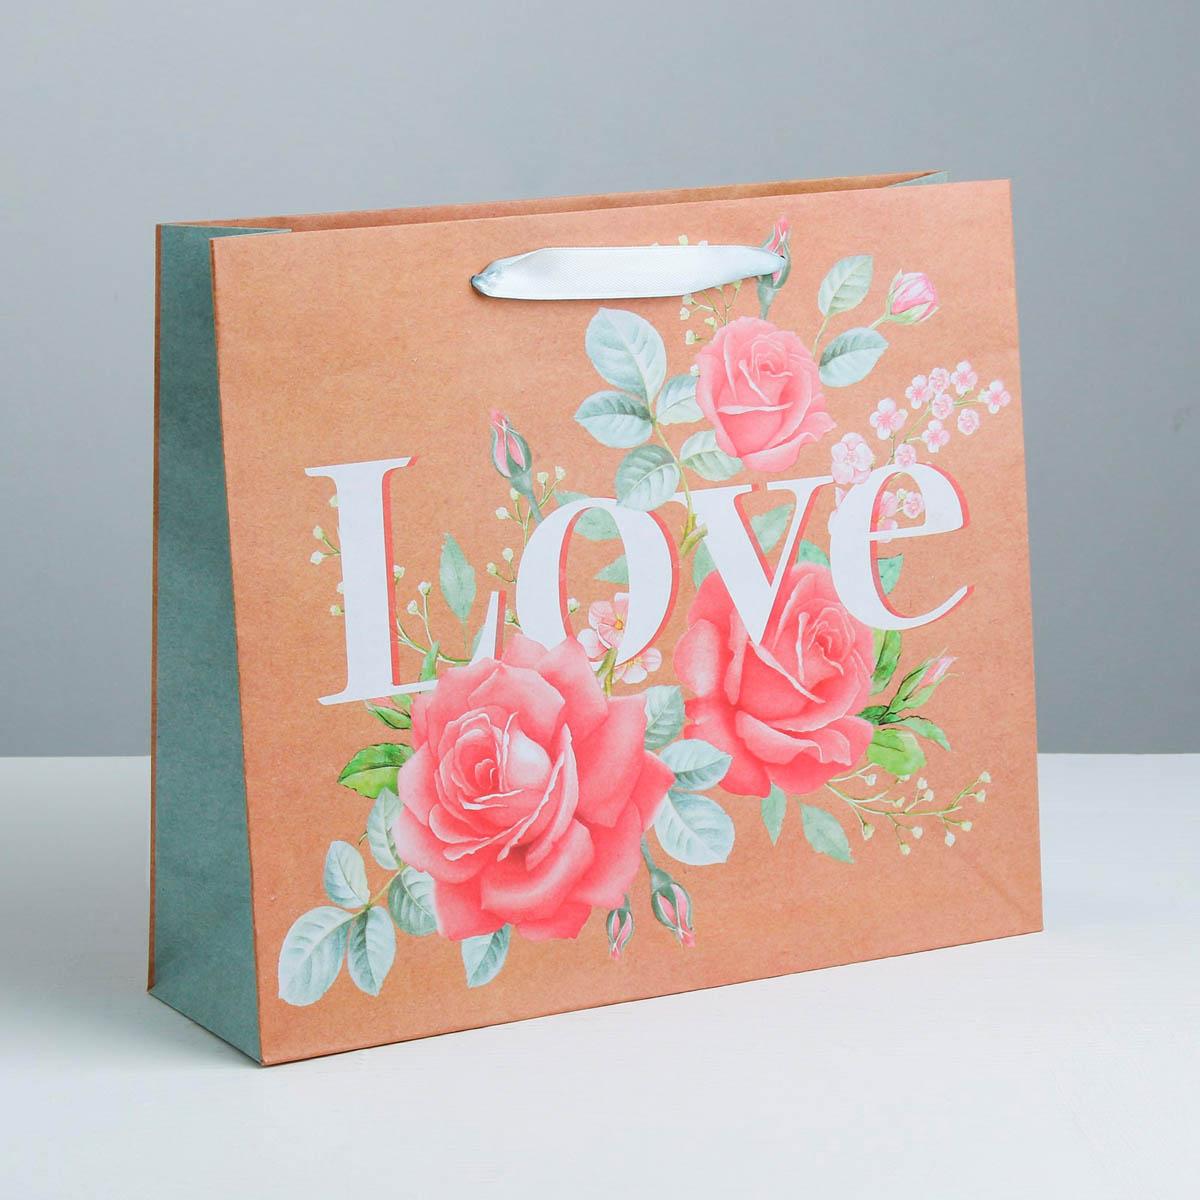 3680929 Пакет горизонтальный крафтовый «Цветочная любовь»,